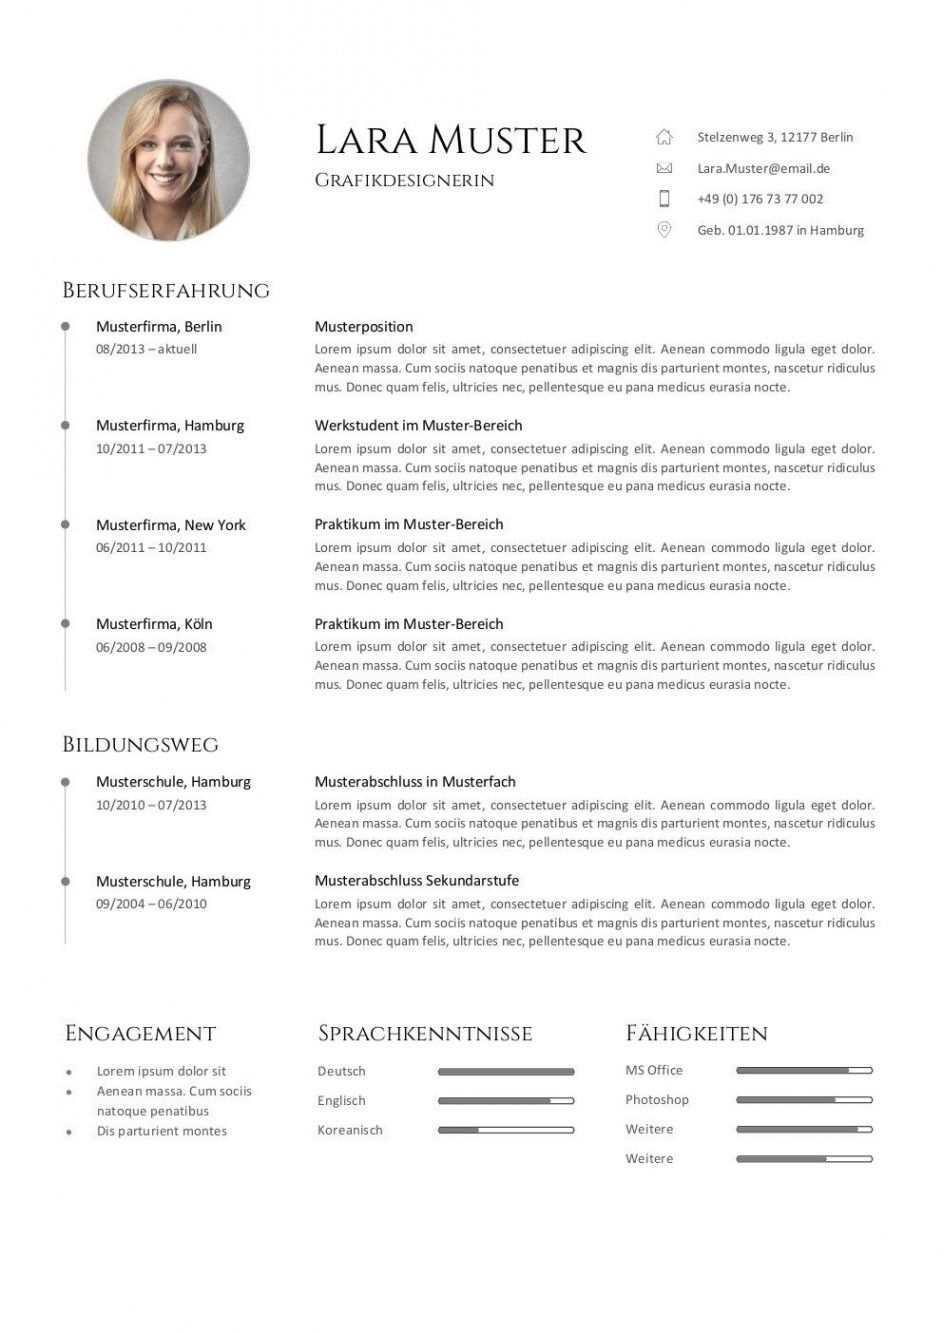 Scrollen Unsere Kostenlos Von Pages Vorlage Lebenslauf Englisch Vorlagen Lebenslauf Bewerbung Lebenslauf Bewerbung Lebenslauf Vorlage